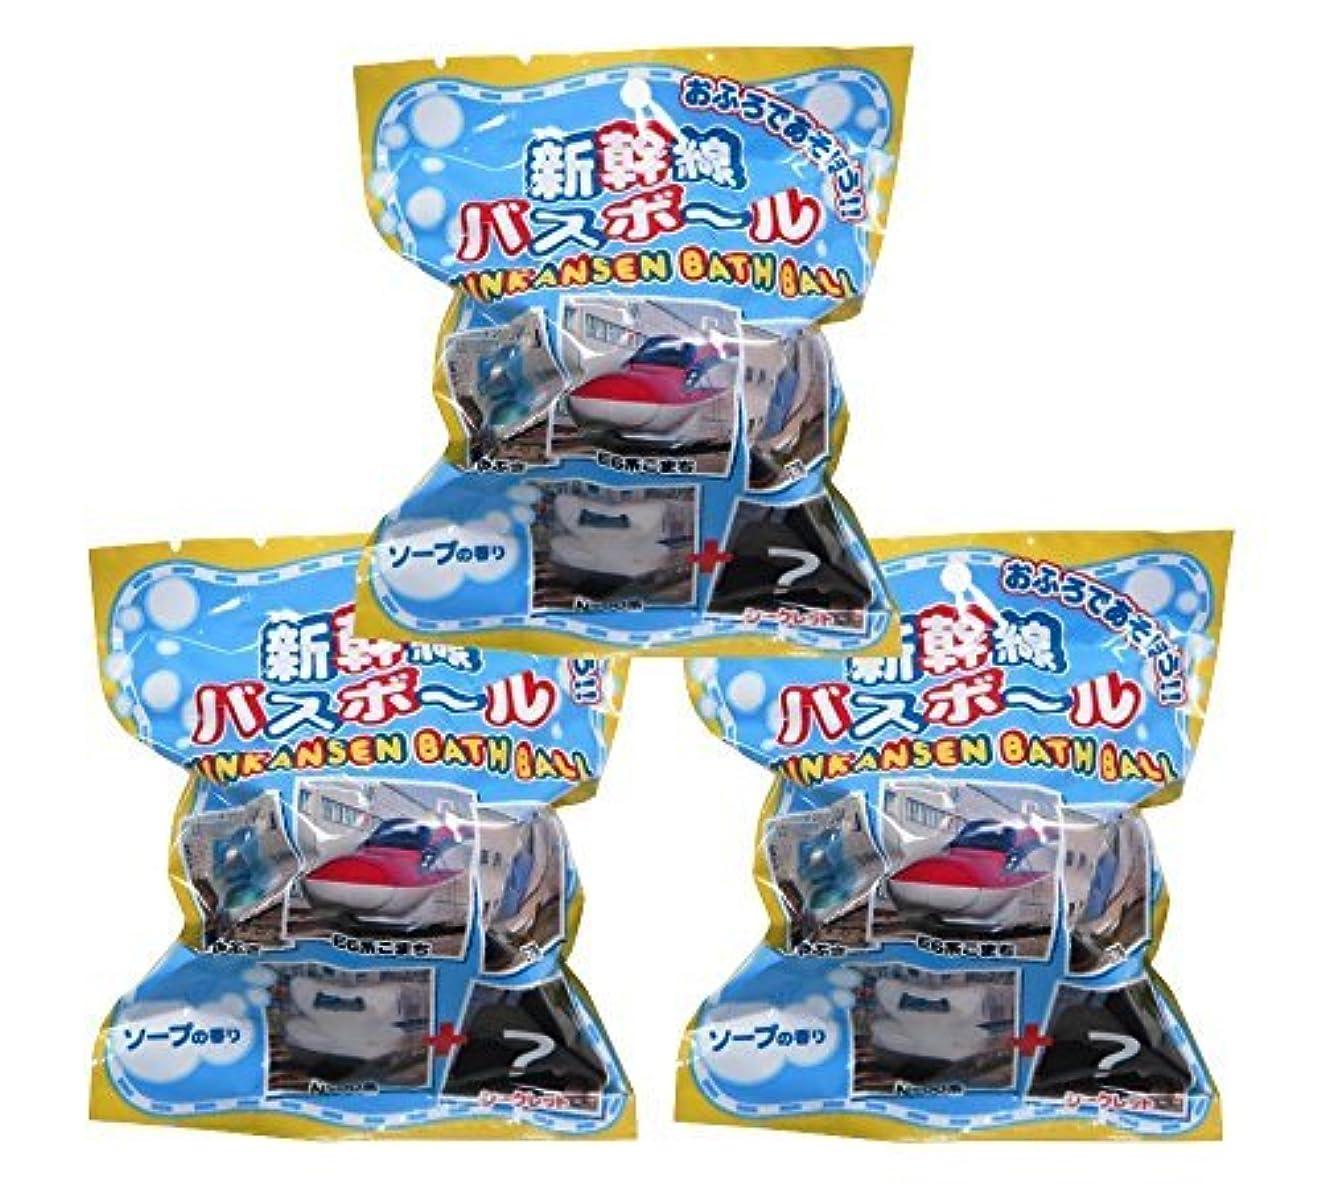 セットアップ地獄限界JR新幹線 入浴剤 マスコットが飛び出るバスボール 3個セット